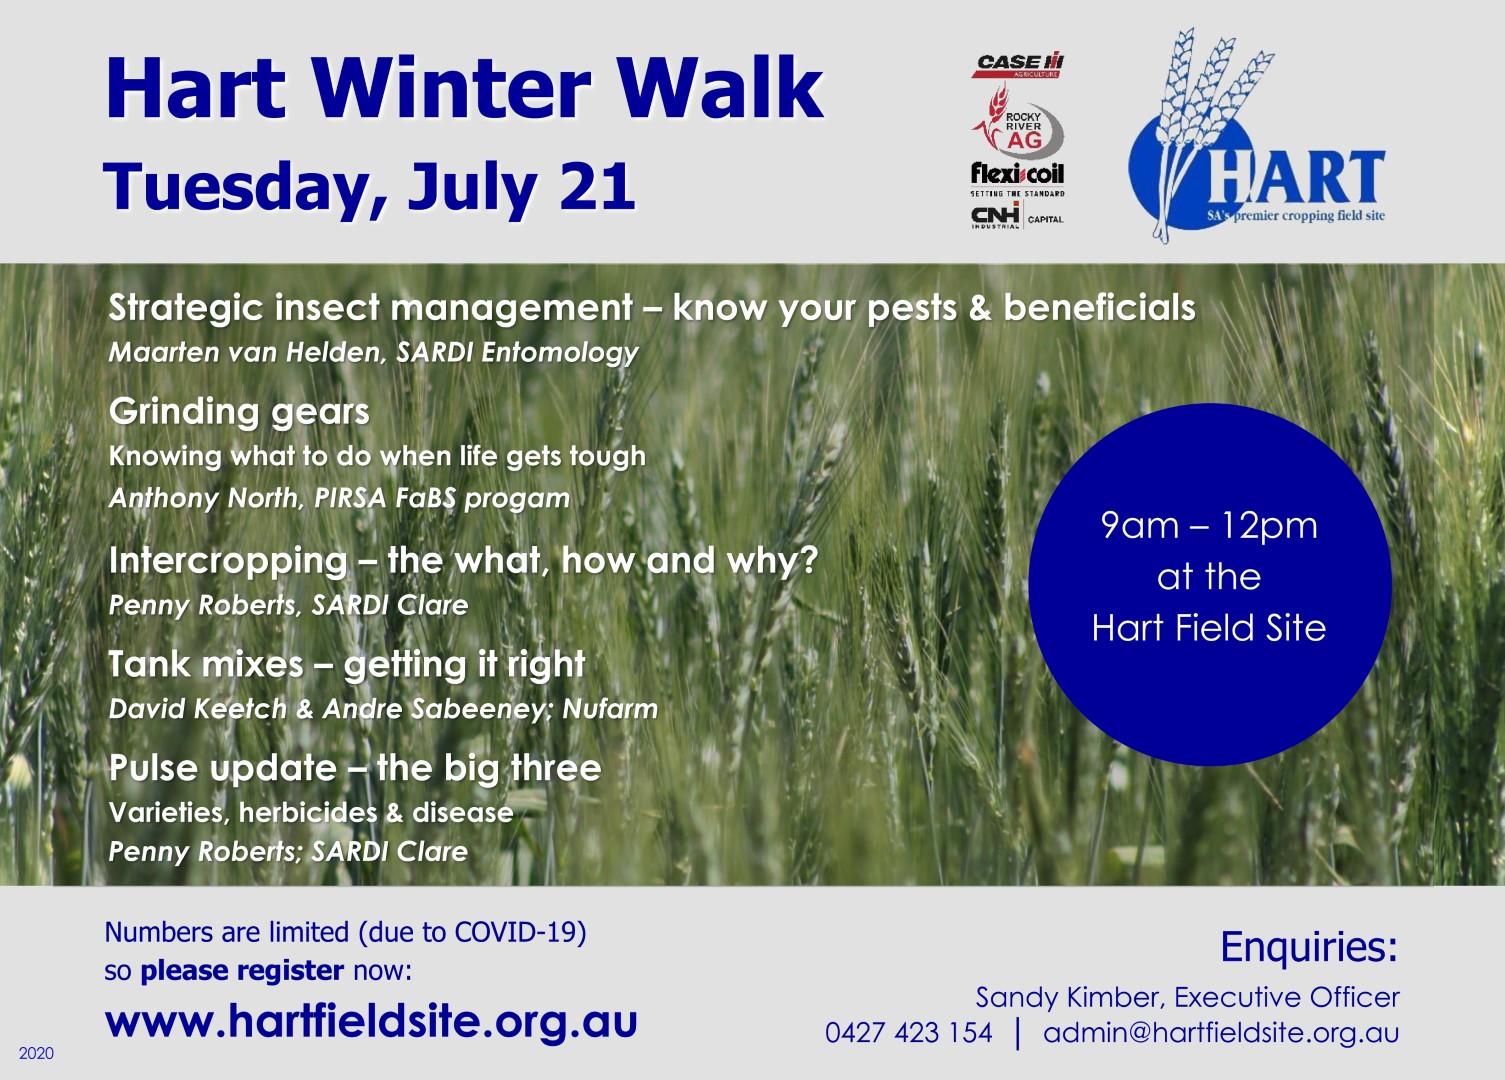 Hart Winter Walk - July 21, 2020